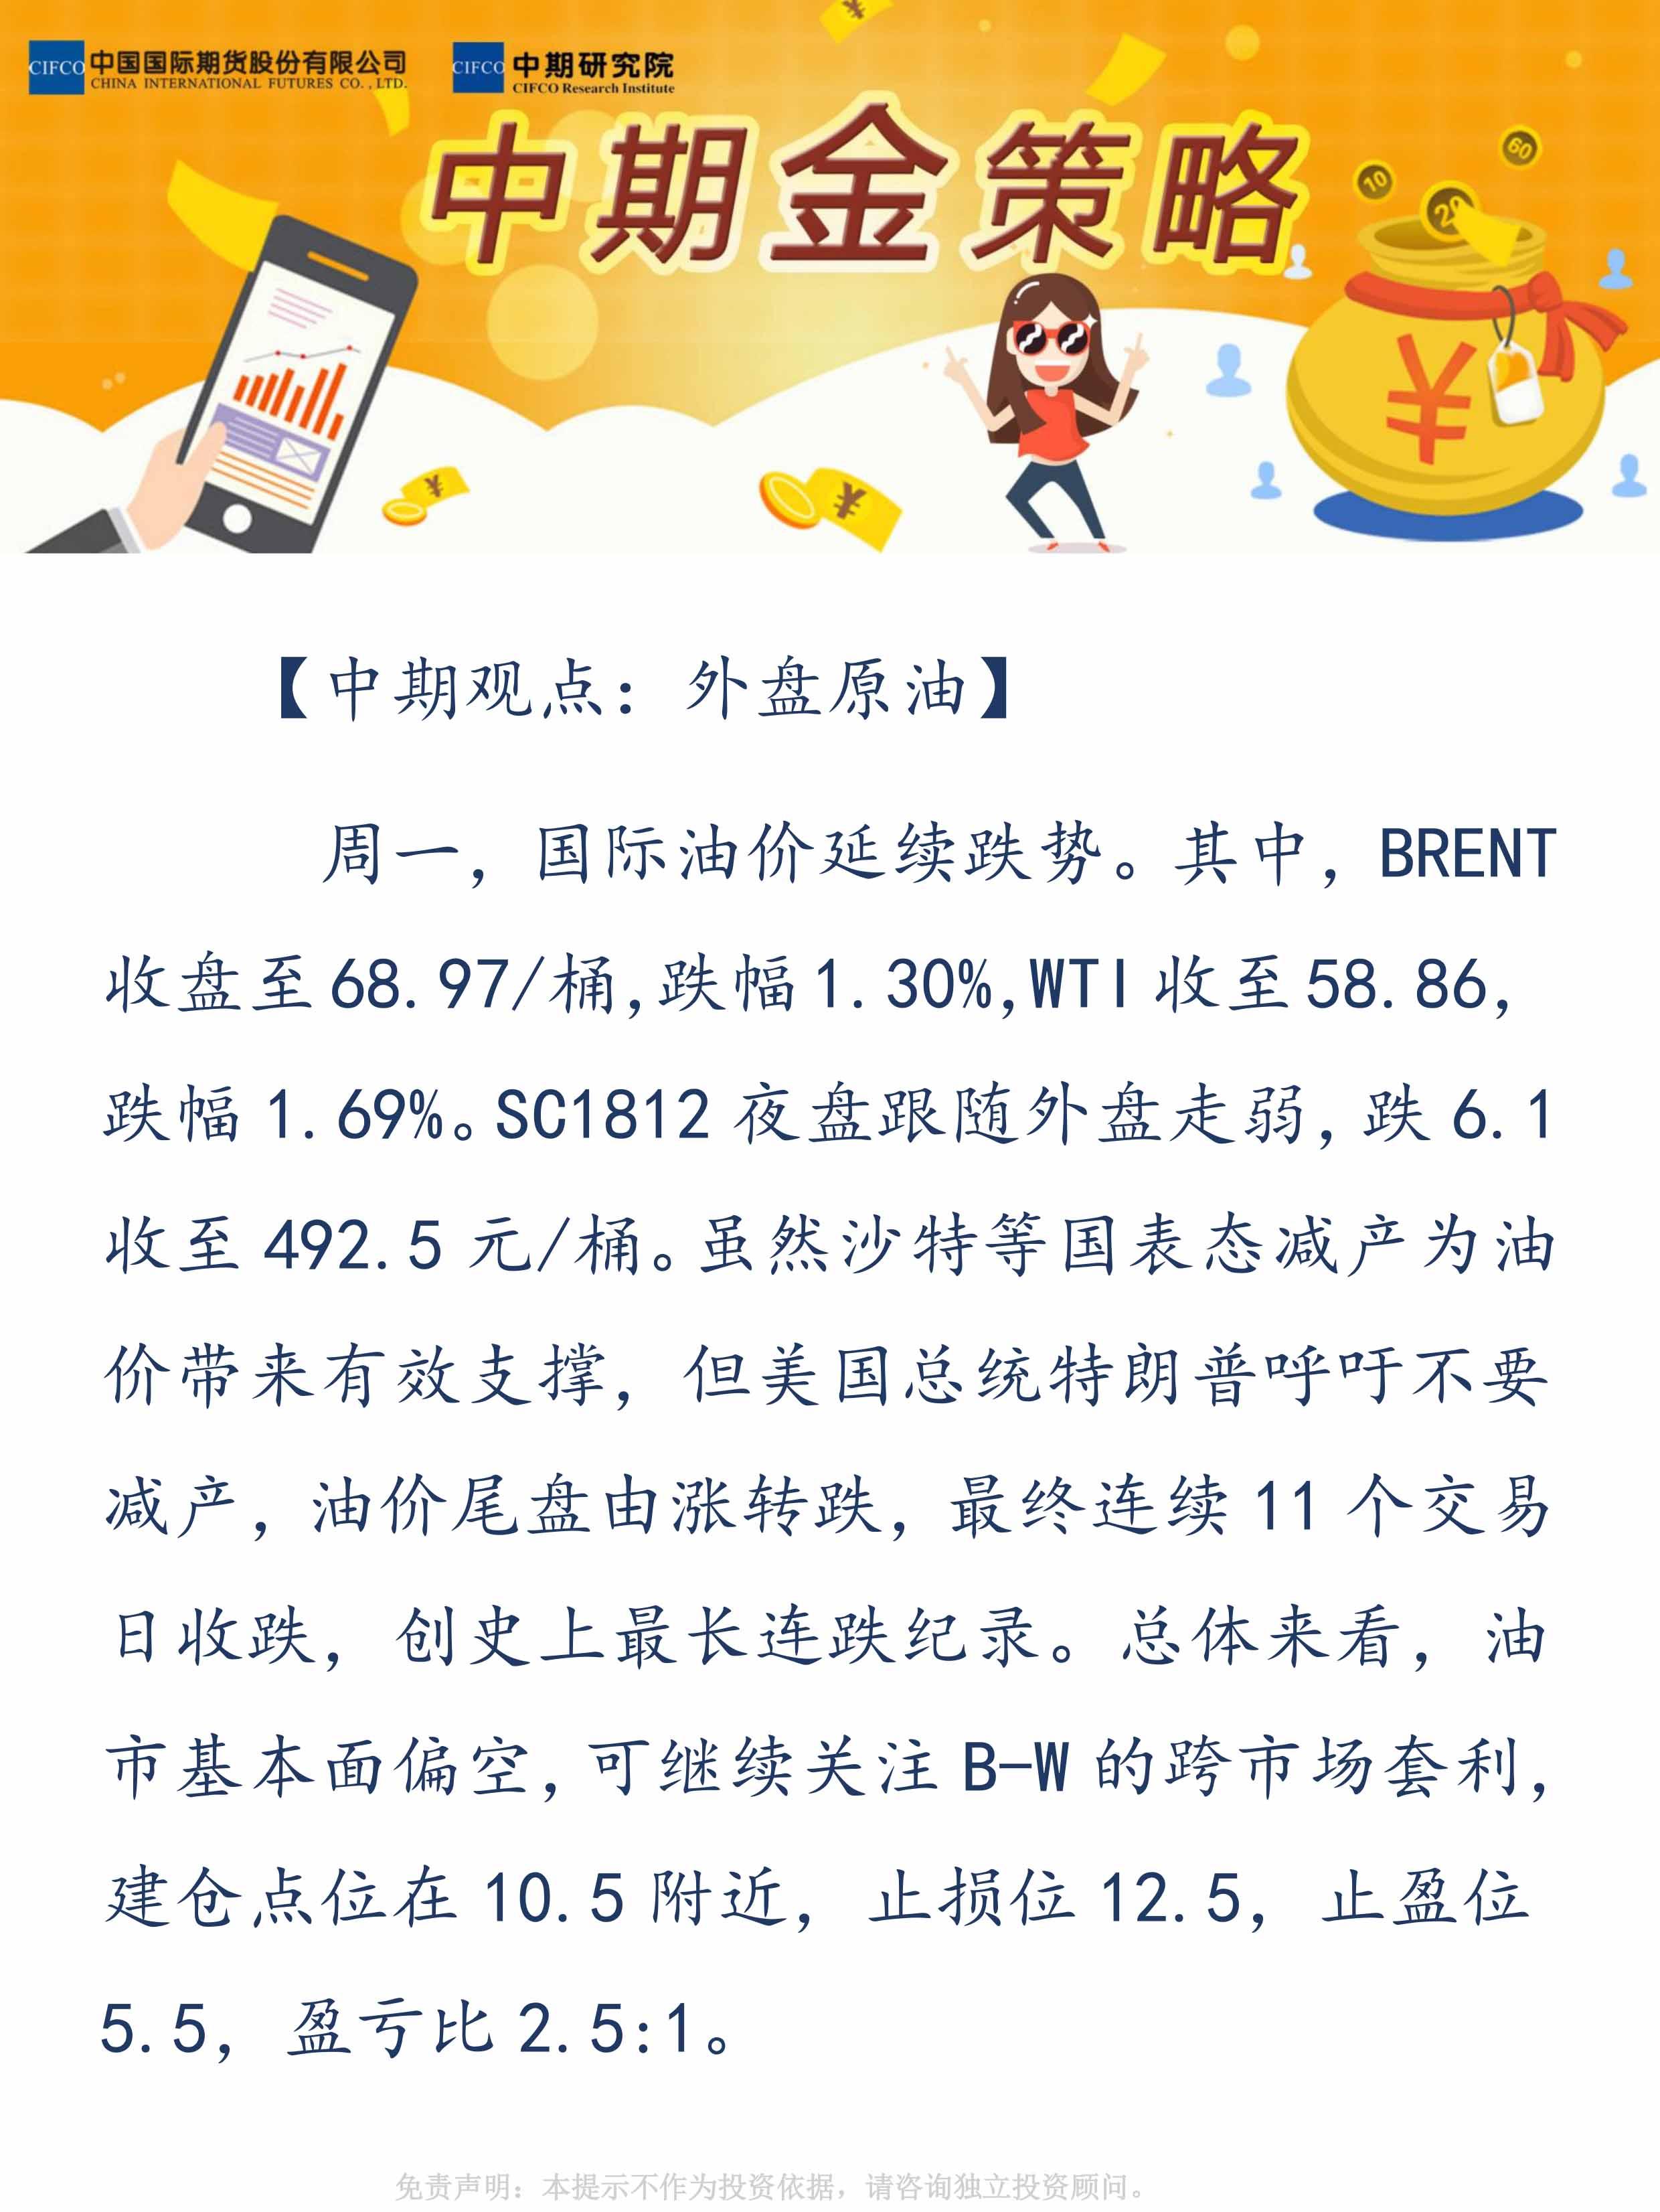 易胜博金策略-外盘原油20181113-暴玲玲.jpg